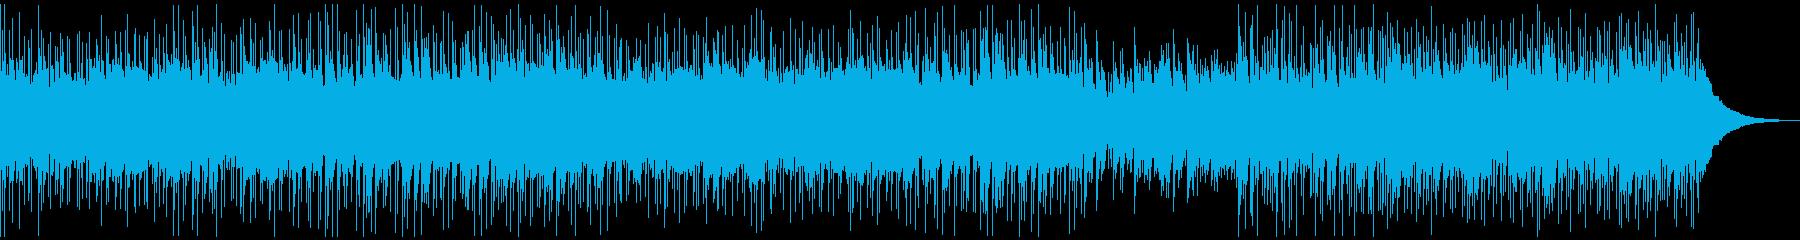 カントリーロック ギター生録音の再生済みの波形